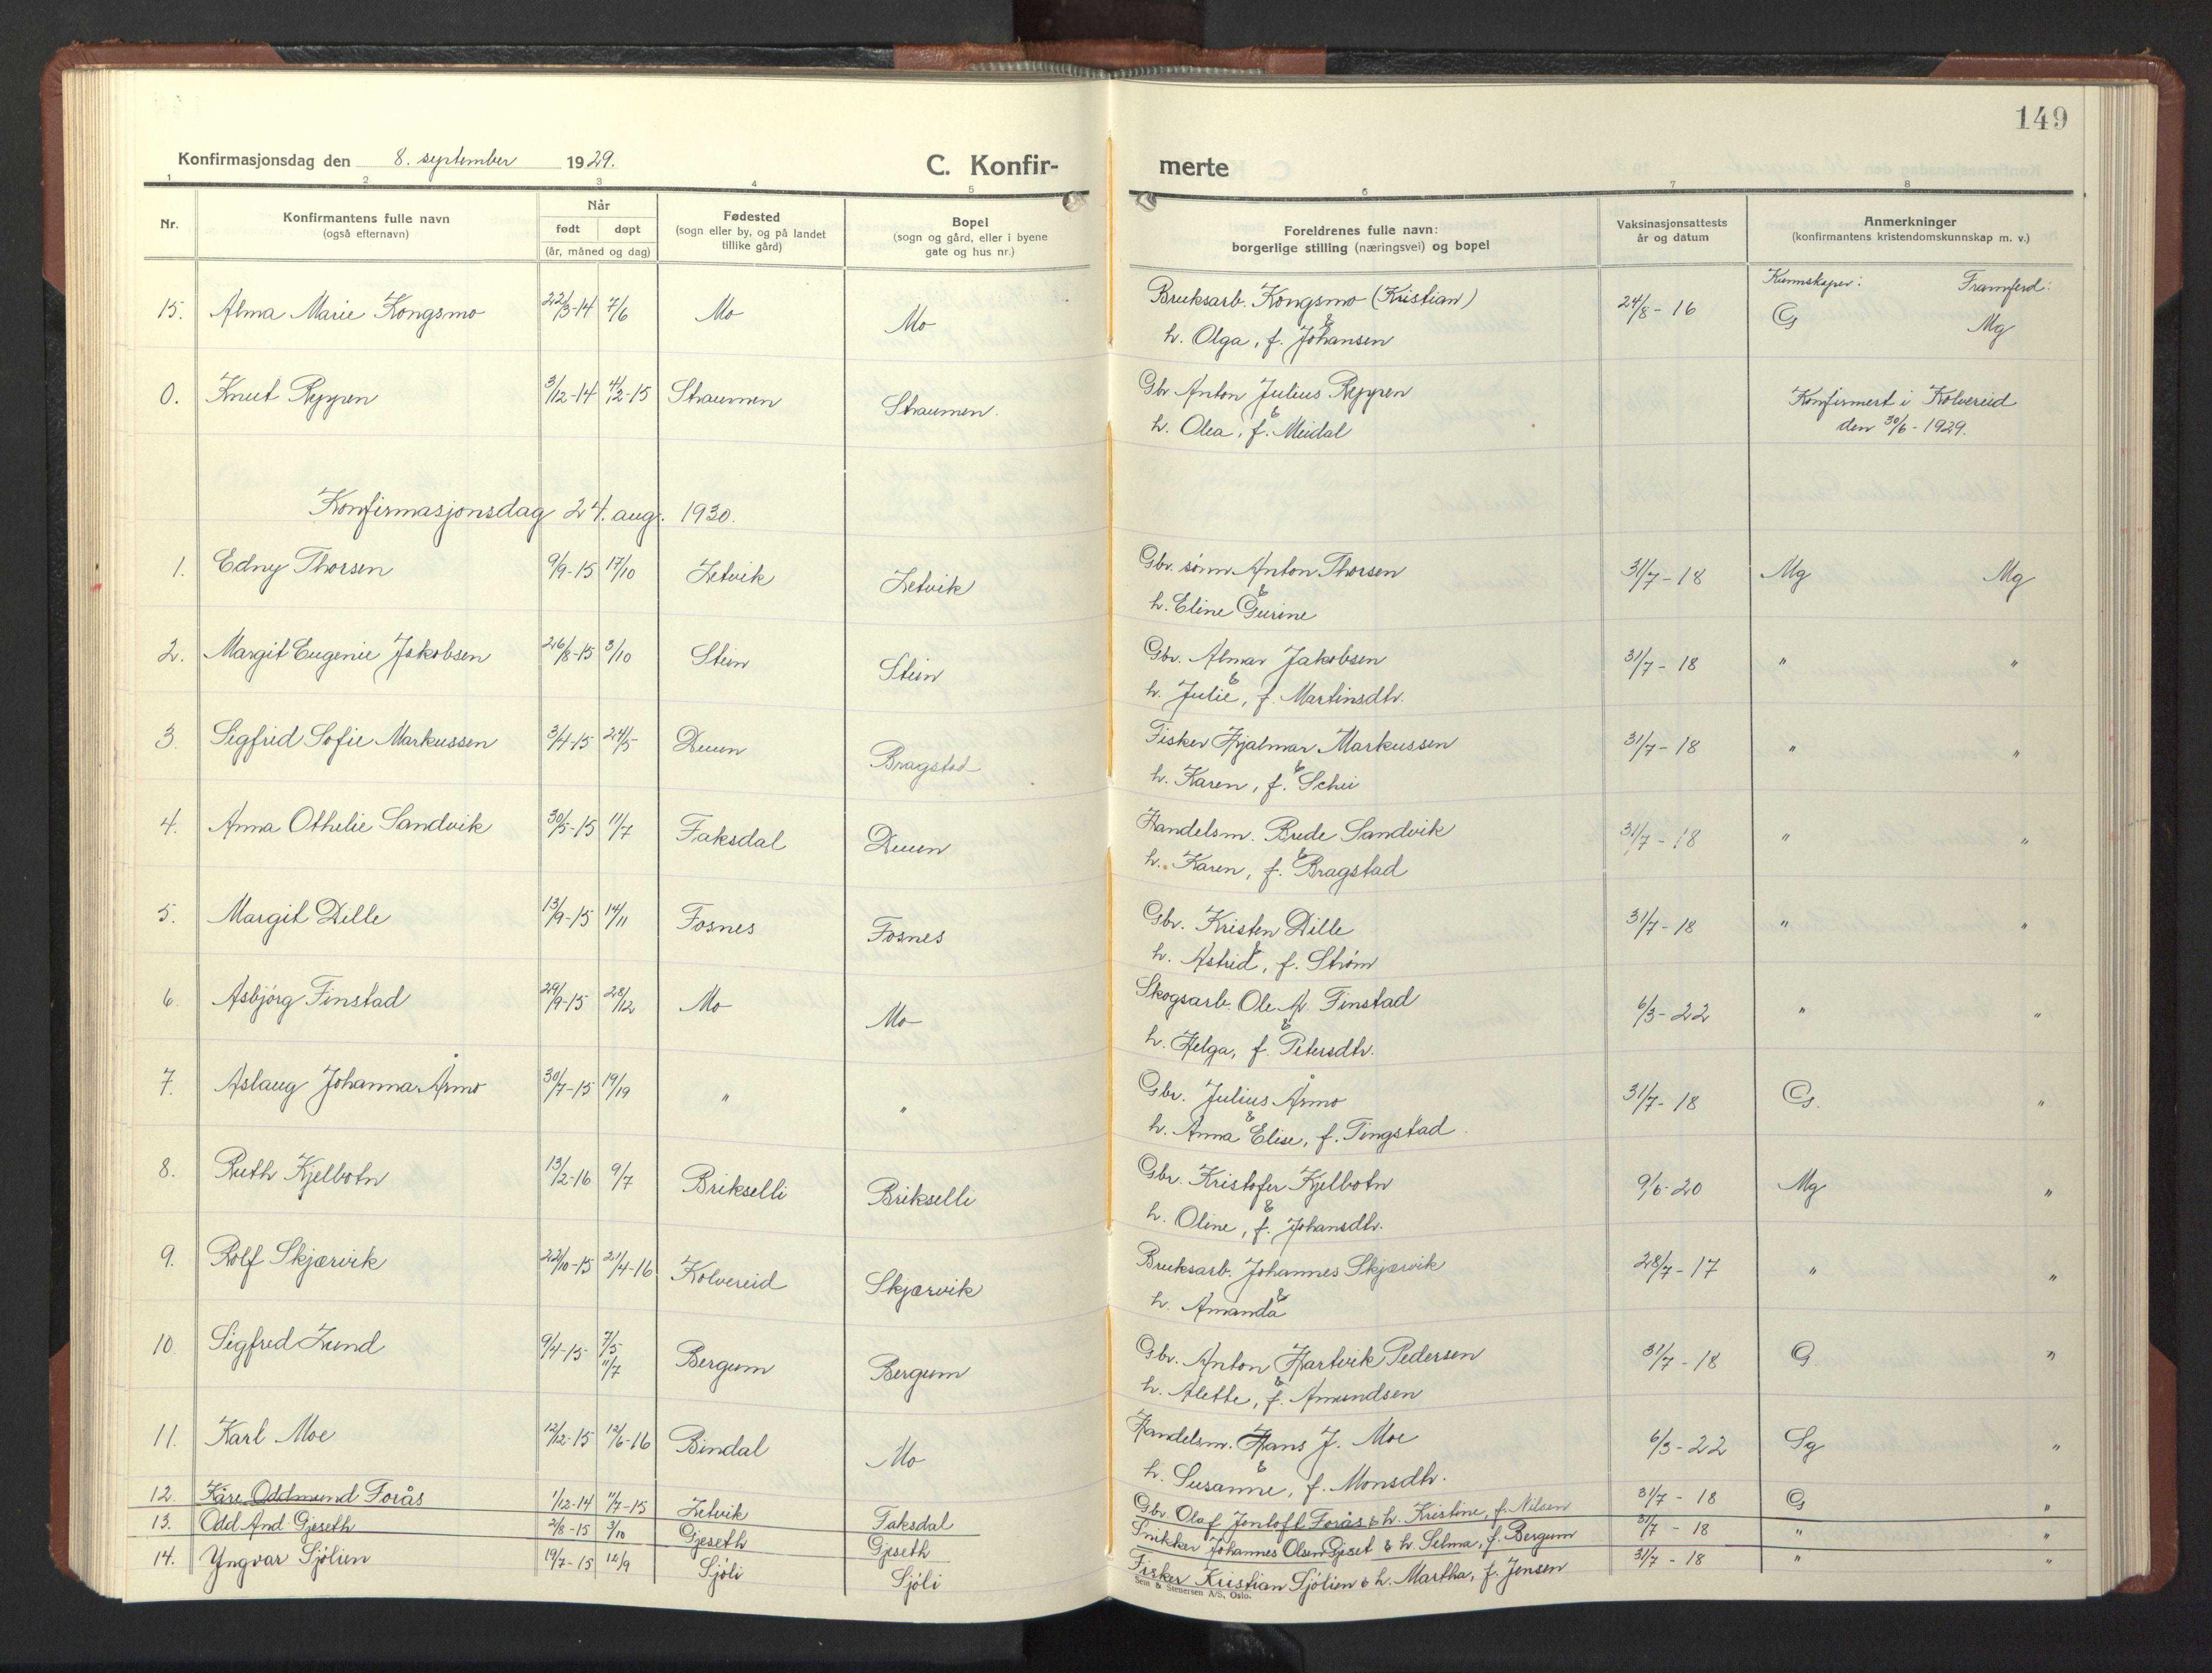 SAT, Ministerialprotokoller, klokkerbøker og fødselsregistre - Nord-Trøndelag, 773/L0625: Klokkerbok nr. 773C01, 1910-1952, s. 149